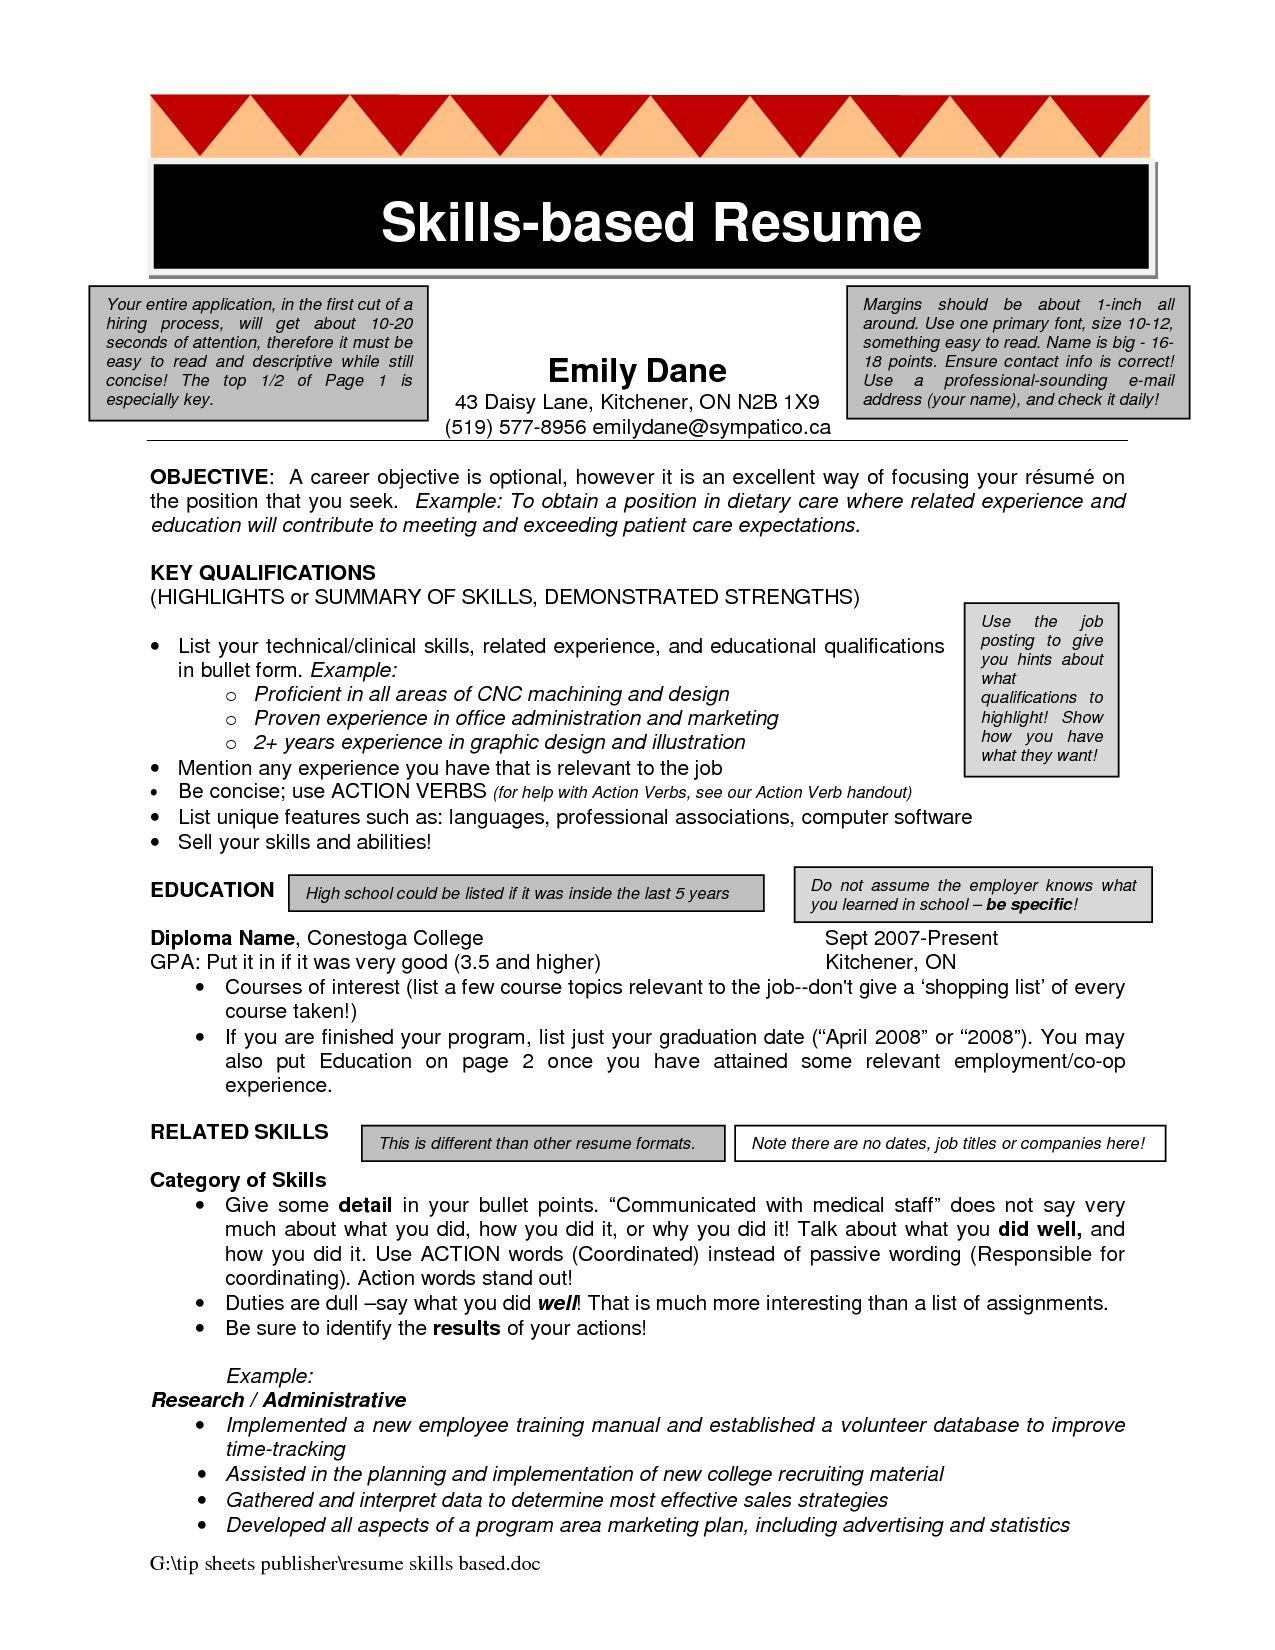 SkillsBased Resume Template, SkillsBased Resume Template